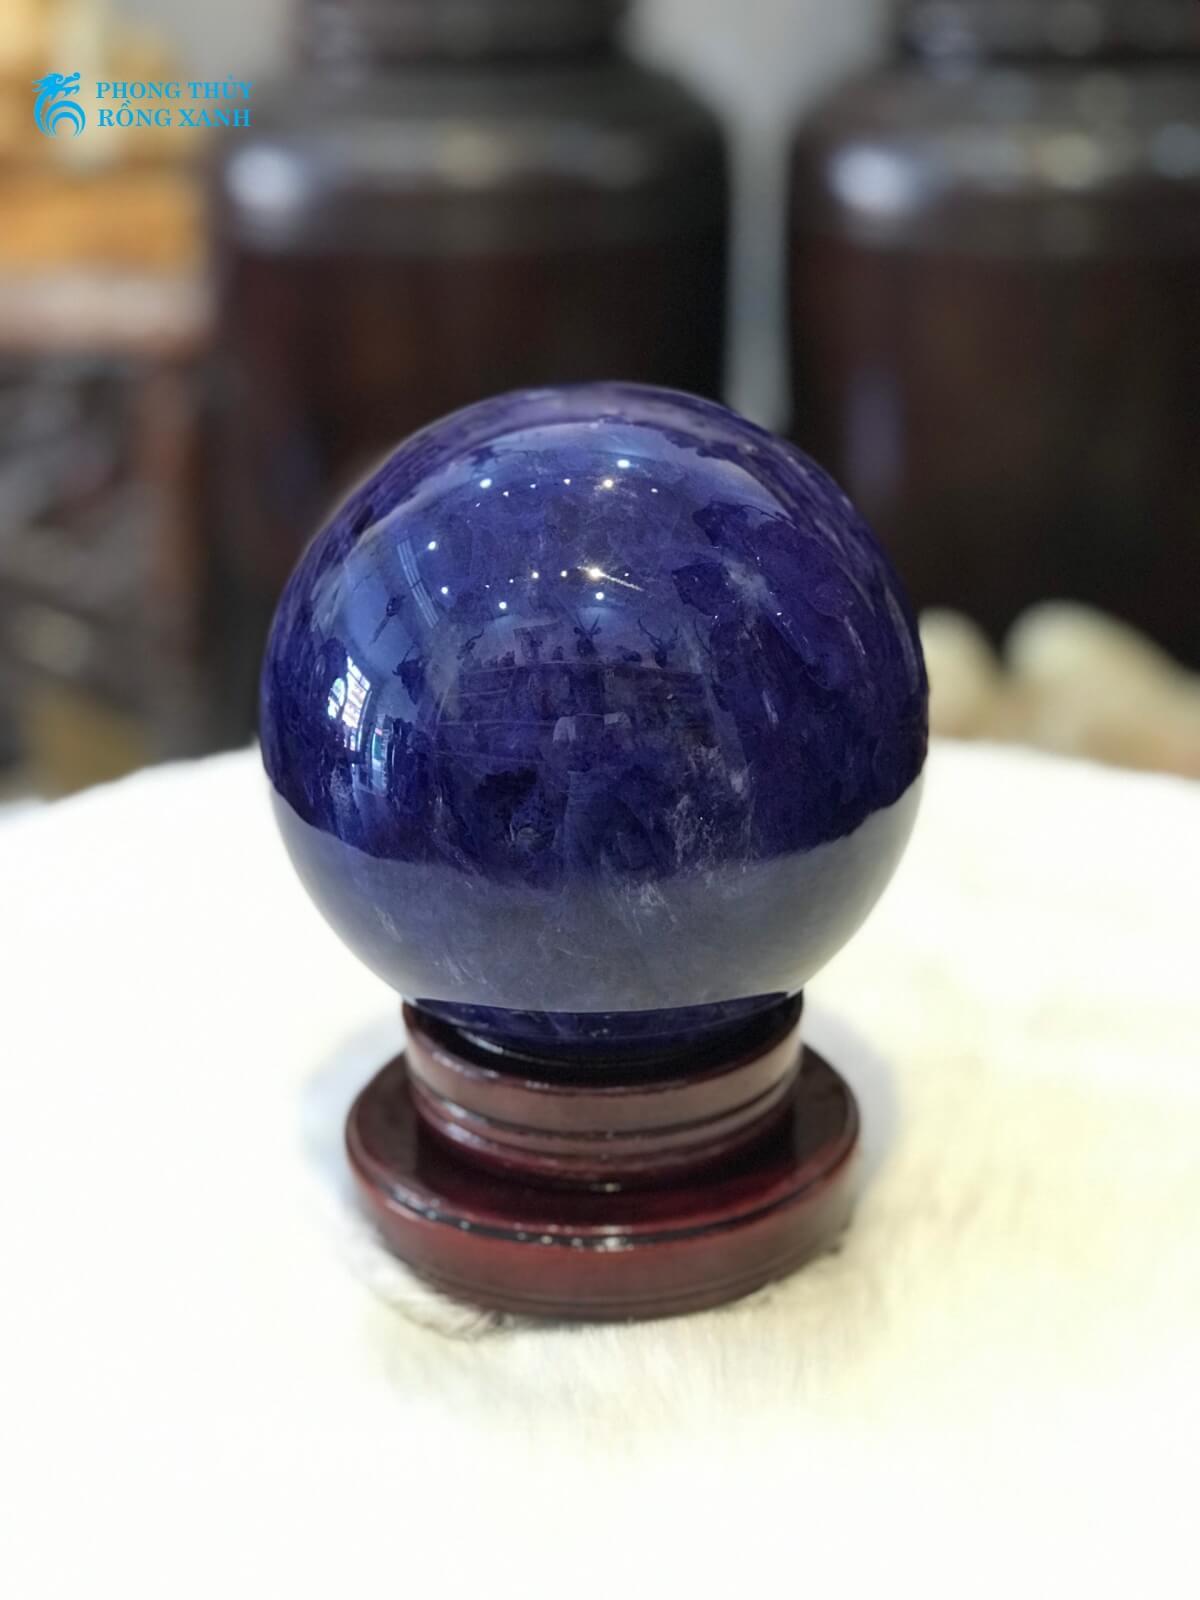 quả cầu phong thủy đá xanh hải dương